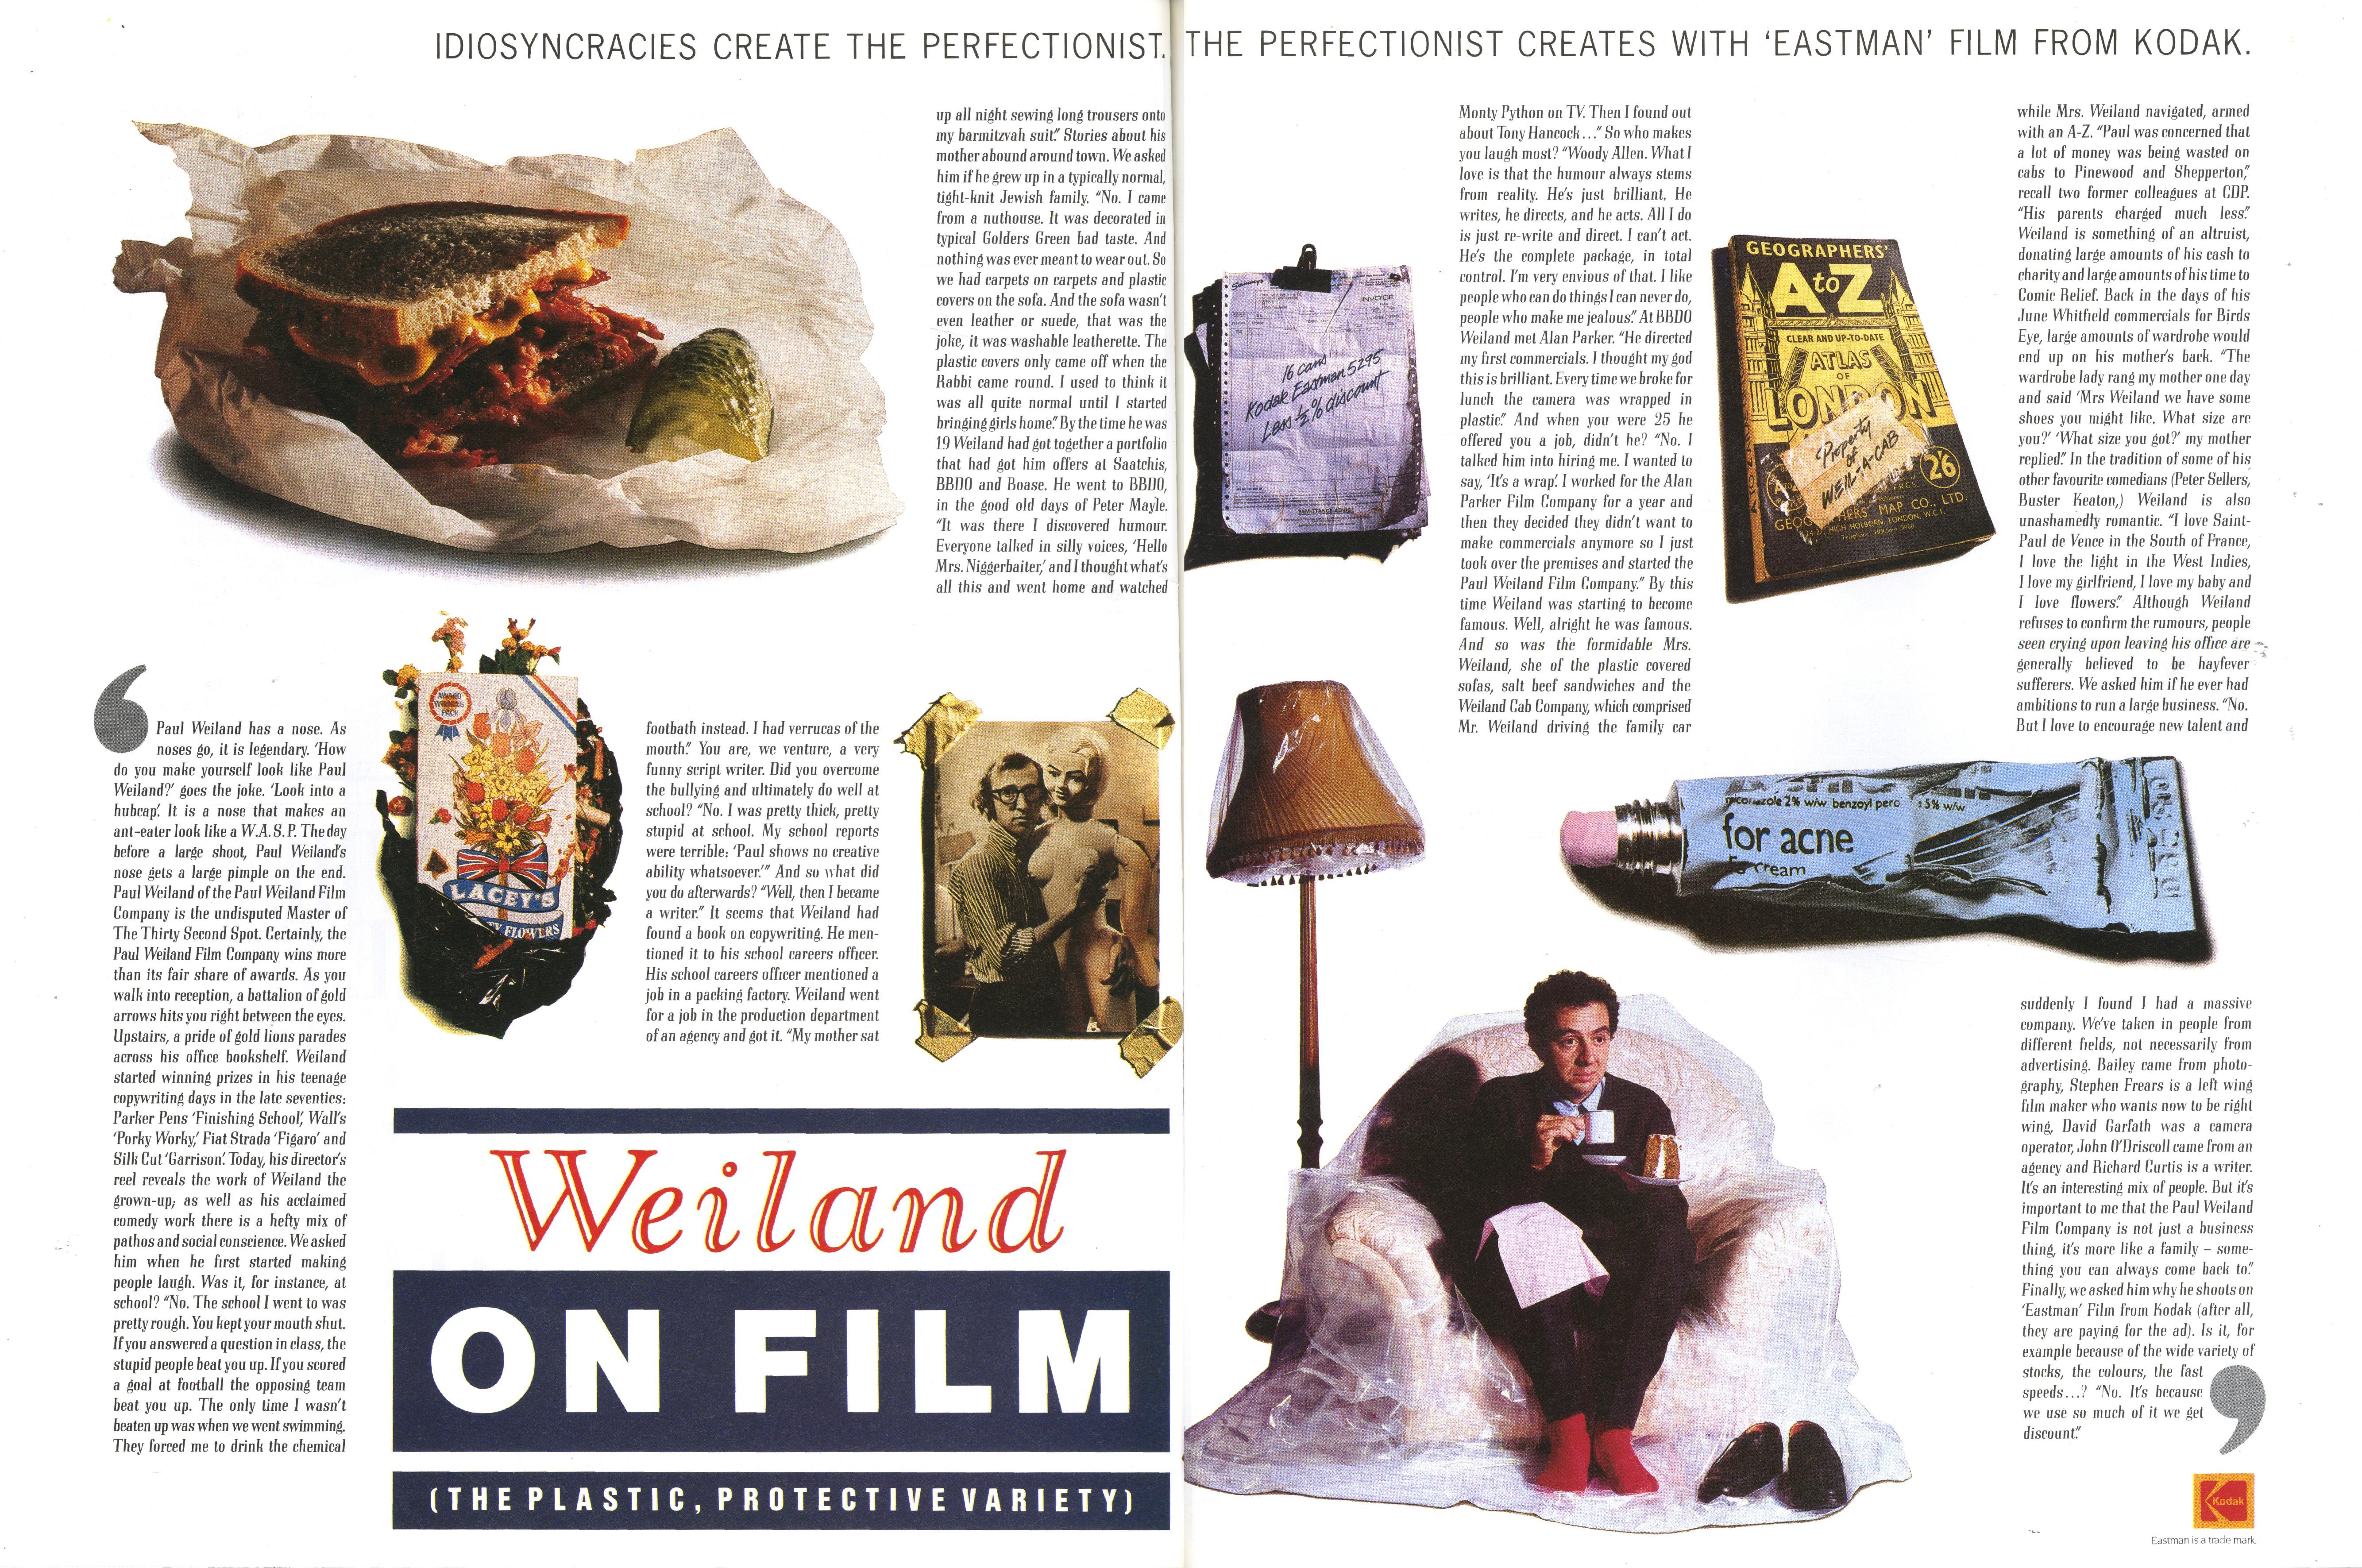 'Weiland On Film' Ad, Kodak, Paul Weiland196-01.jpg